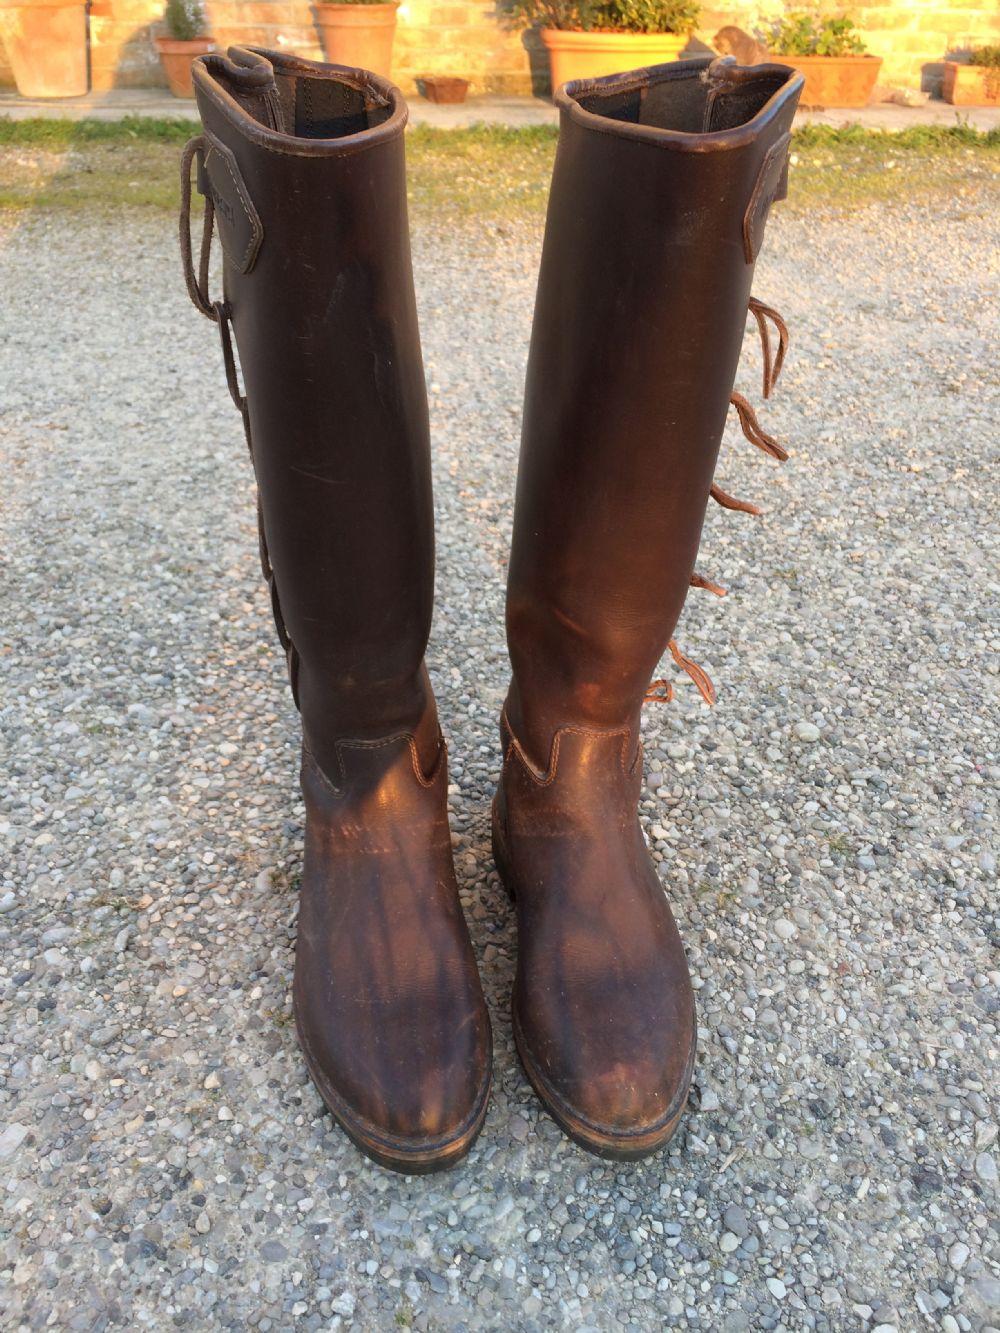 Stivali da equitazione usati, scarpe da equitazione usate